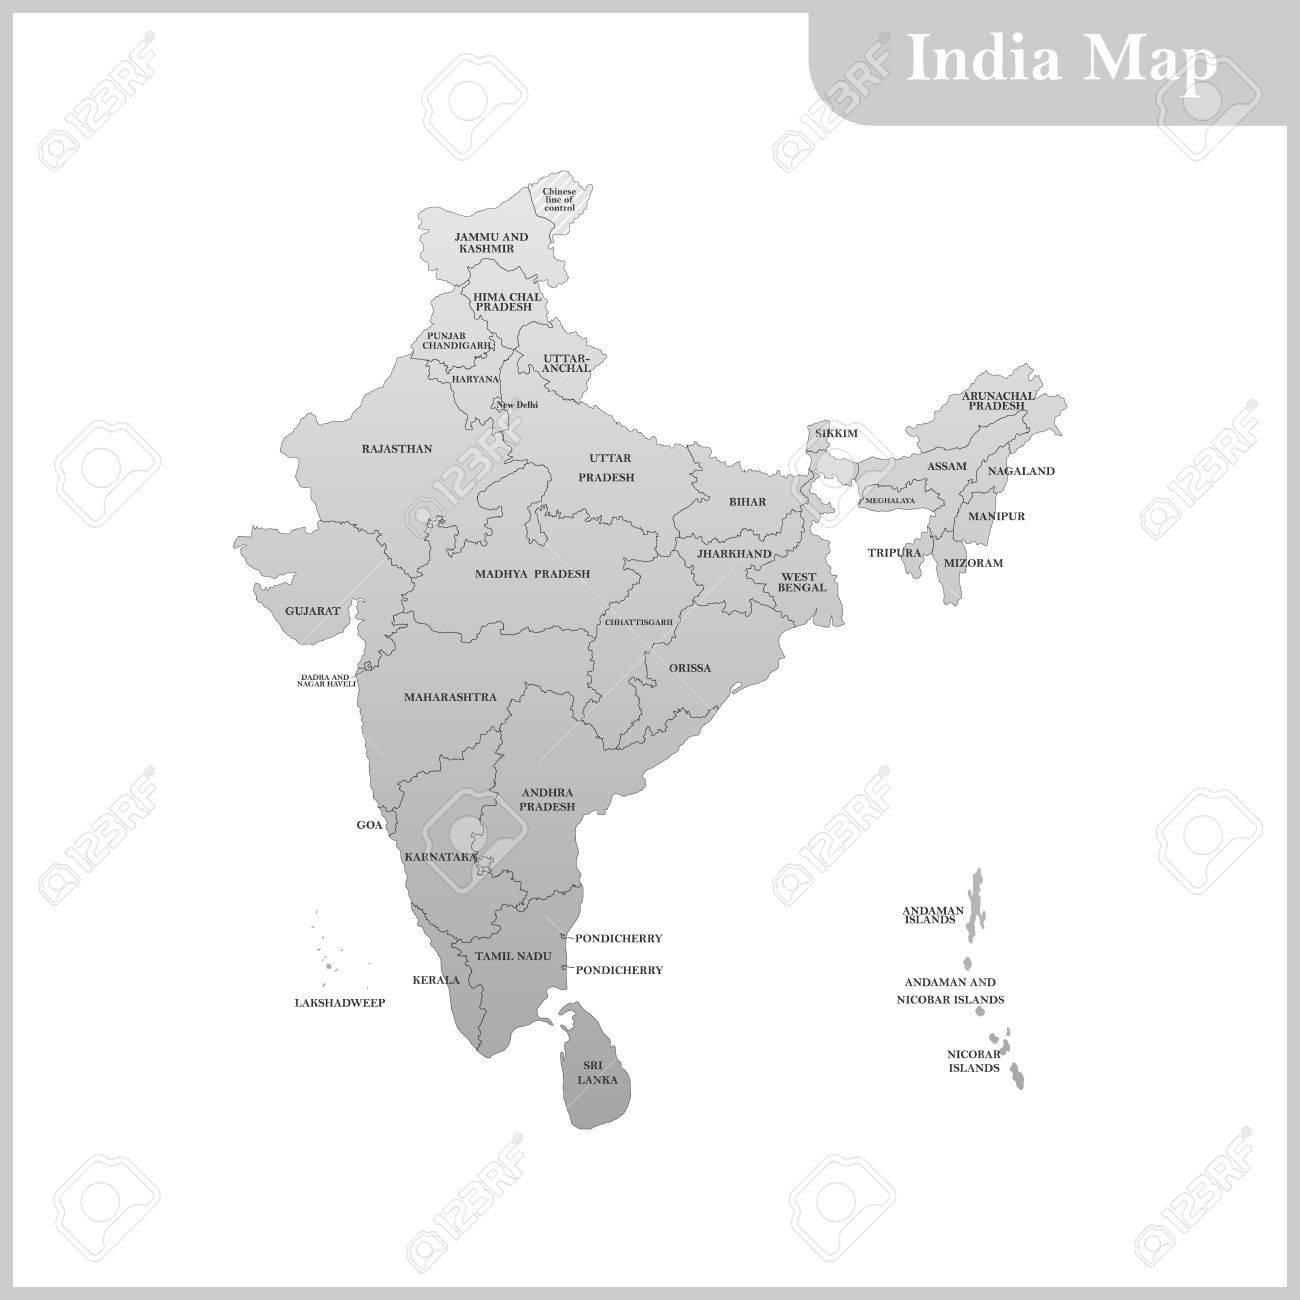 Carte Inde Et Sri Lanka.La Carte Detaillee De L Inde Avec Les Regions Et Le Sri Lanka